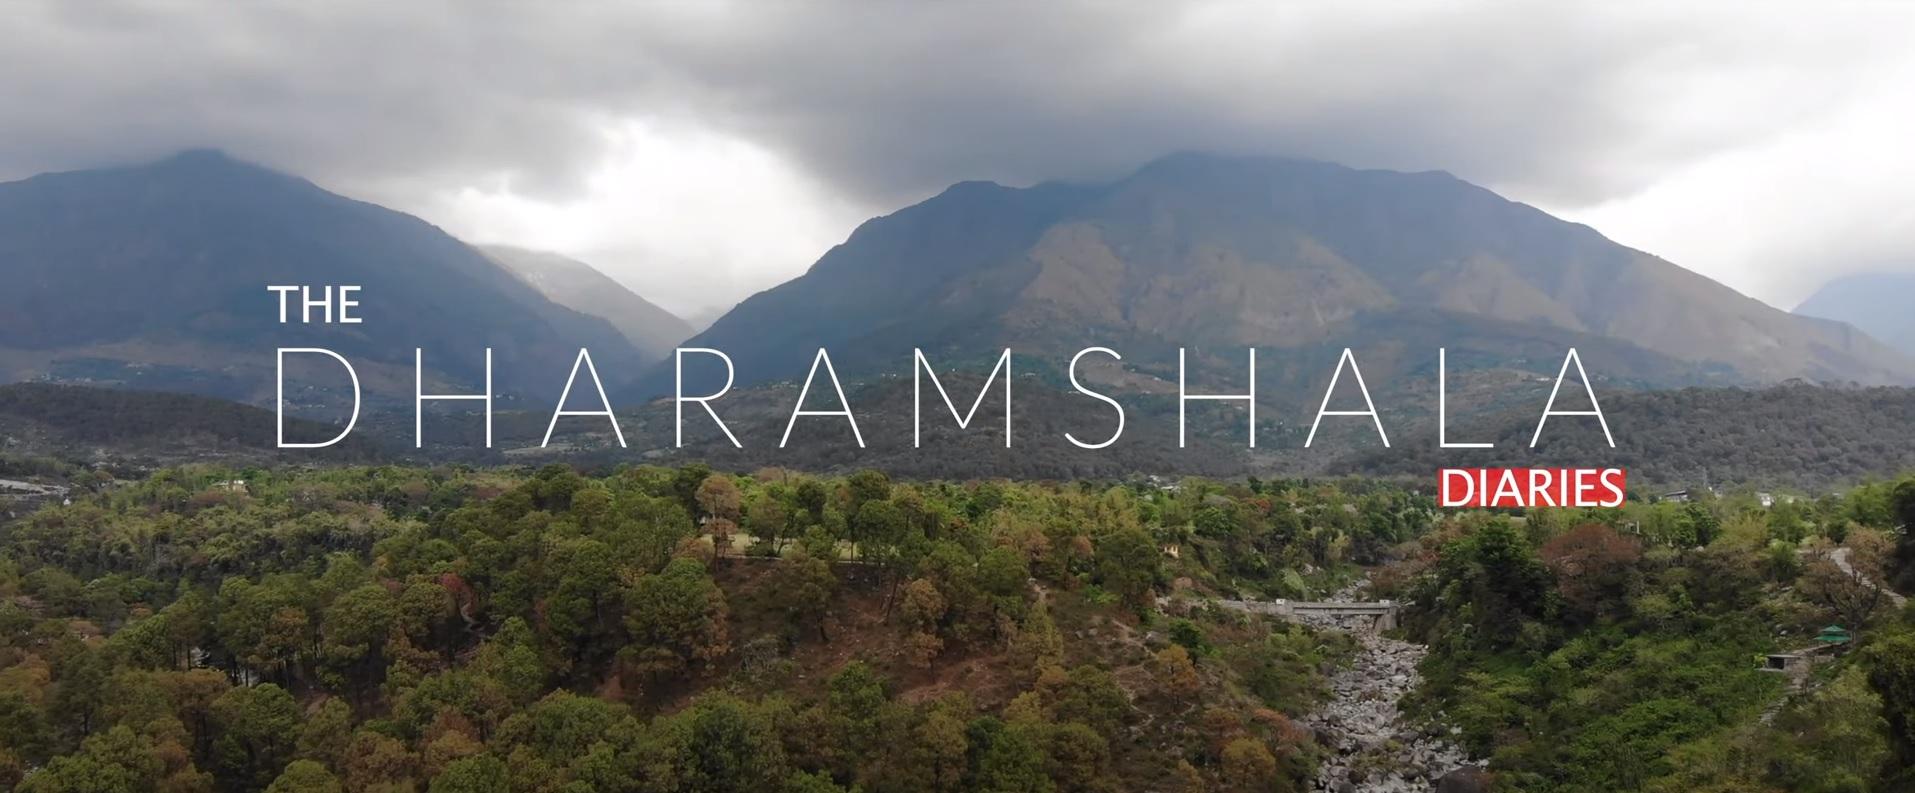 Dharamshala Diaries from Bawray Banjaray